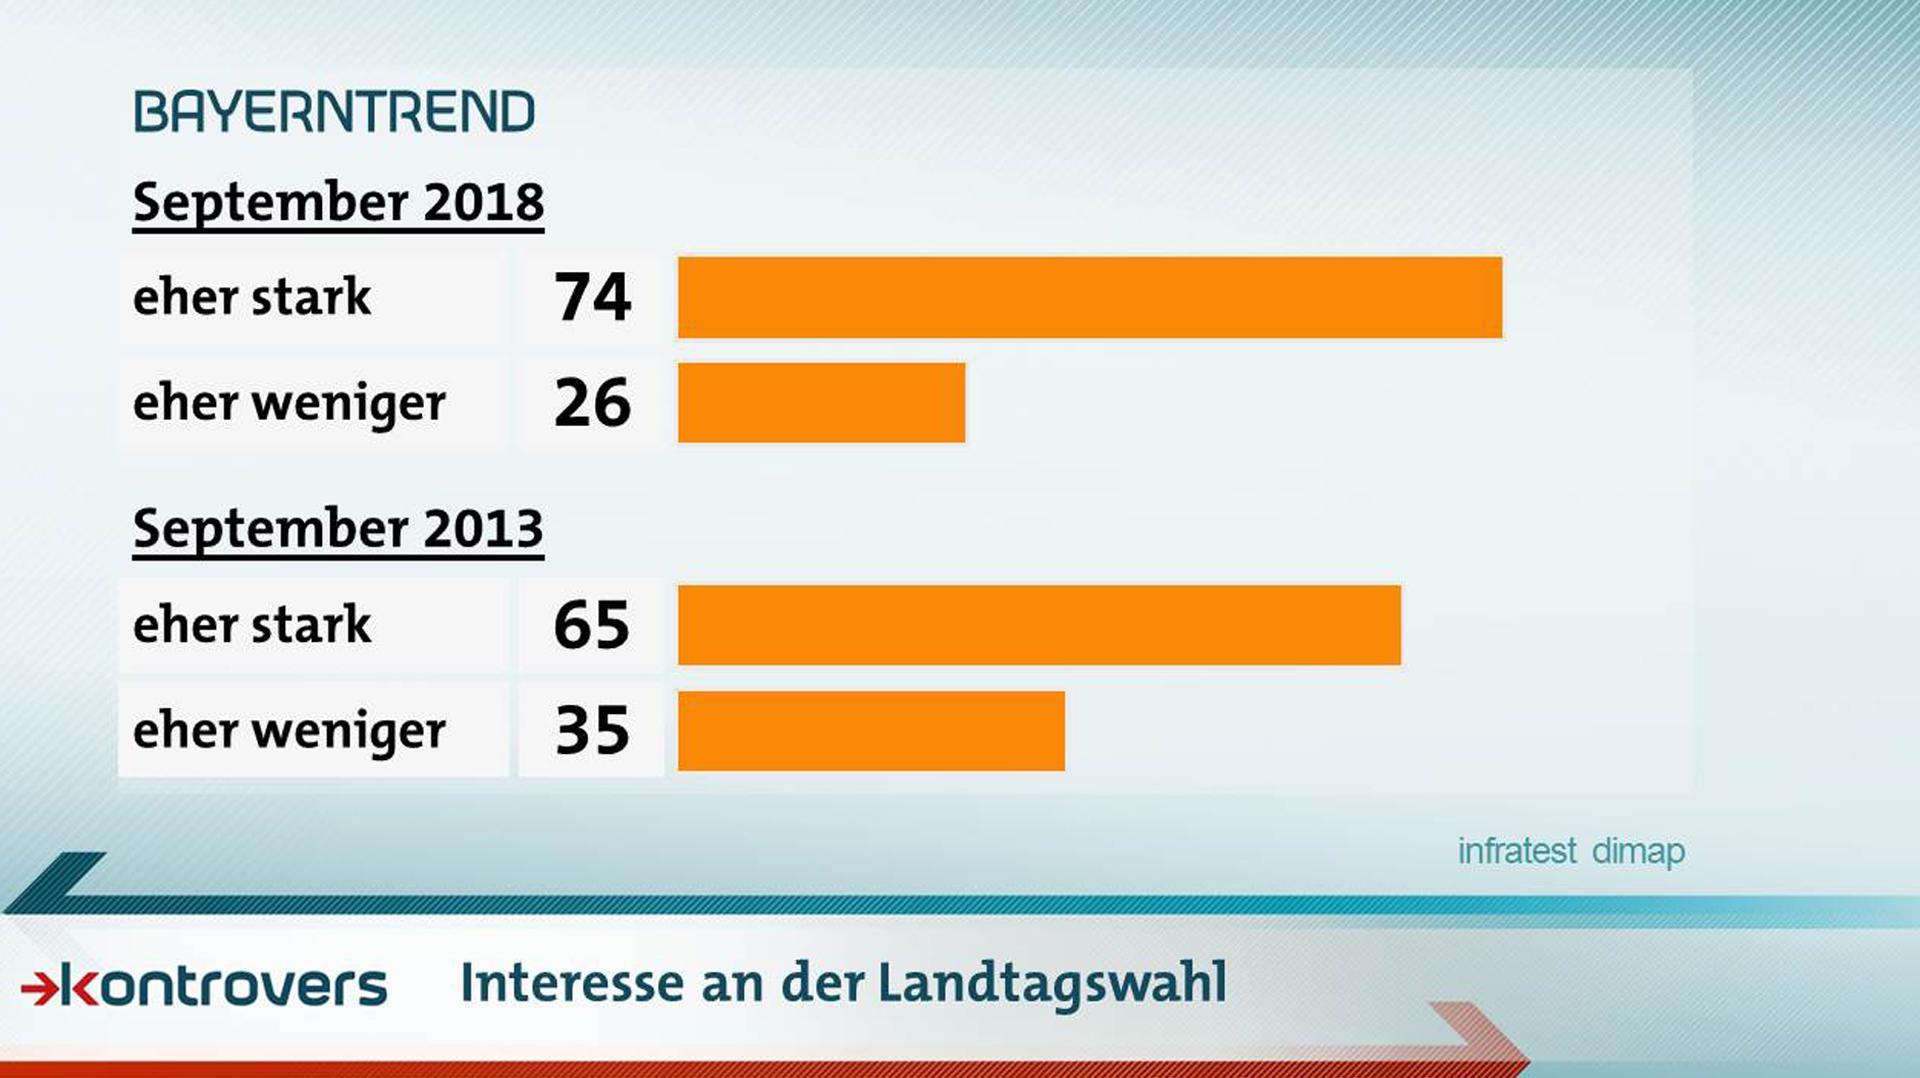 Die Ergebnisse des BayernTrends im September 2018 zum Interesse an der Landtagswahl: 74 Prozent eher stark, 26 Prozent eher weniger